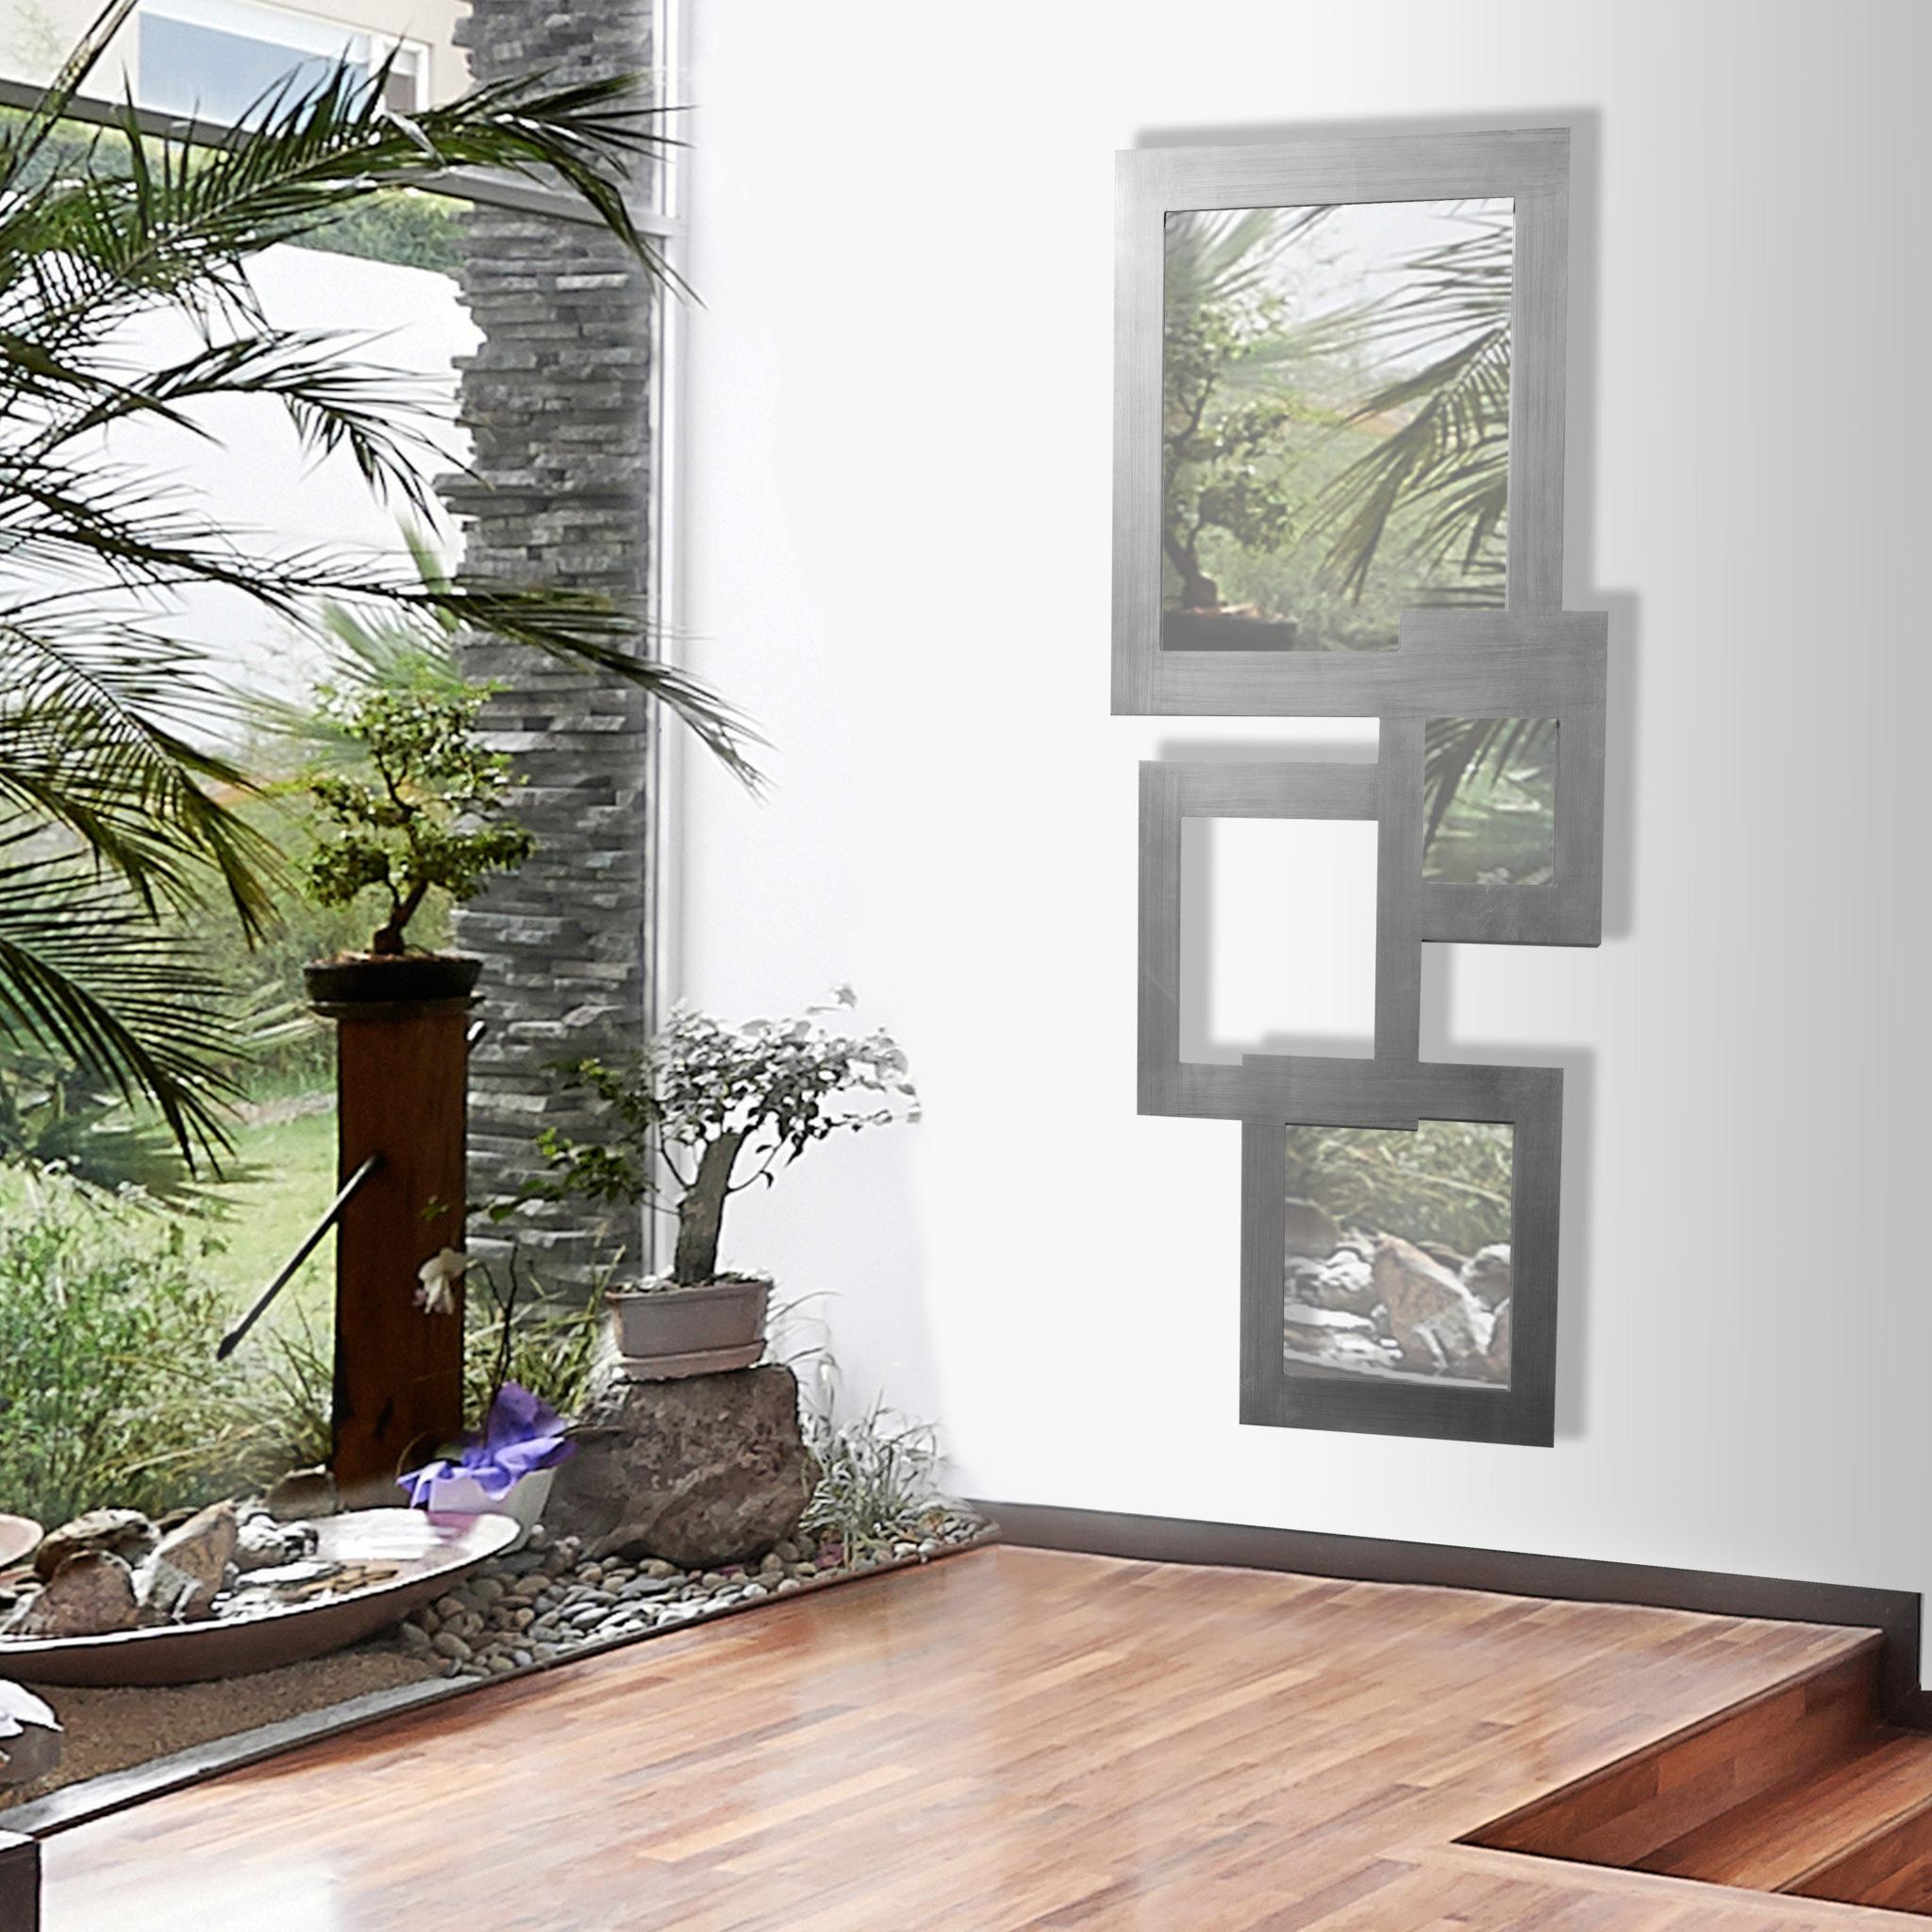 Espejo pared flovic plata dis arte para la decoraci n de - Espejos diseno italiano ...